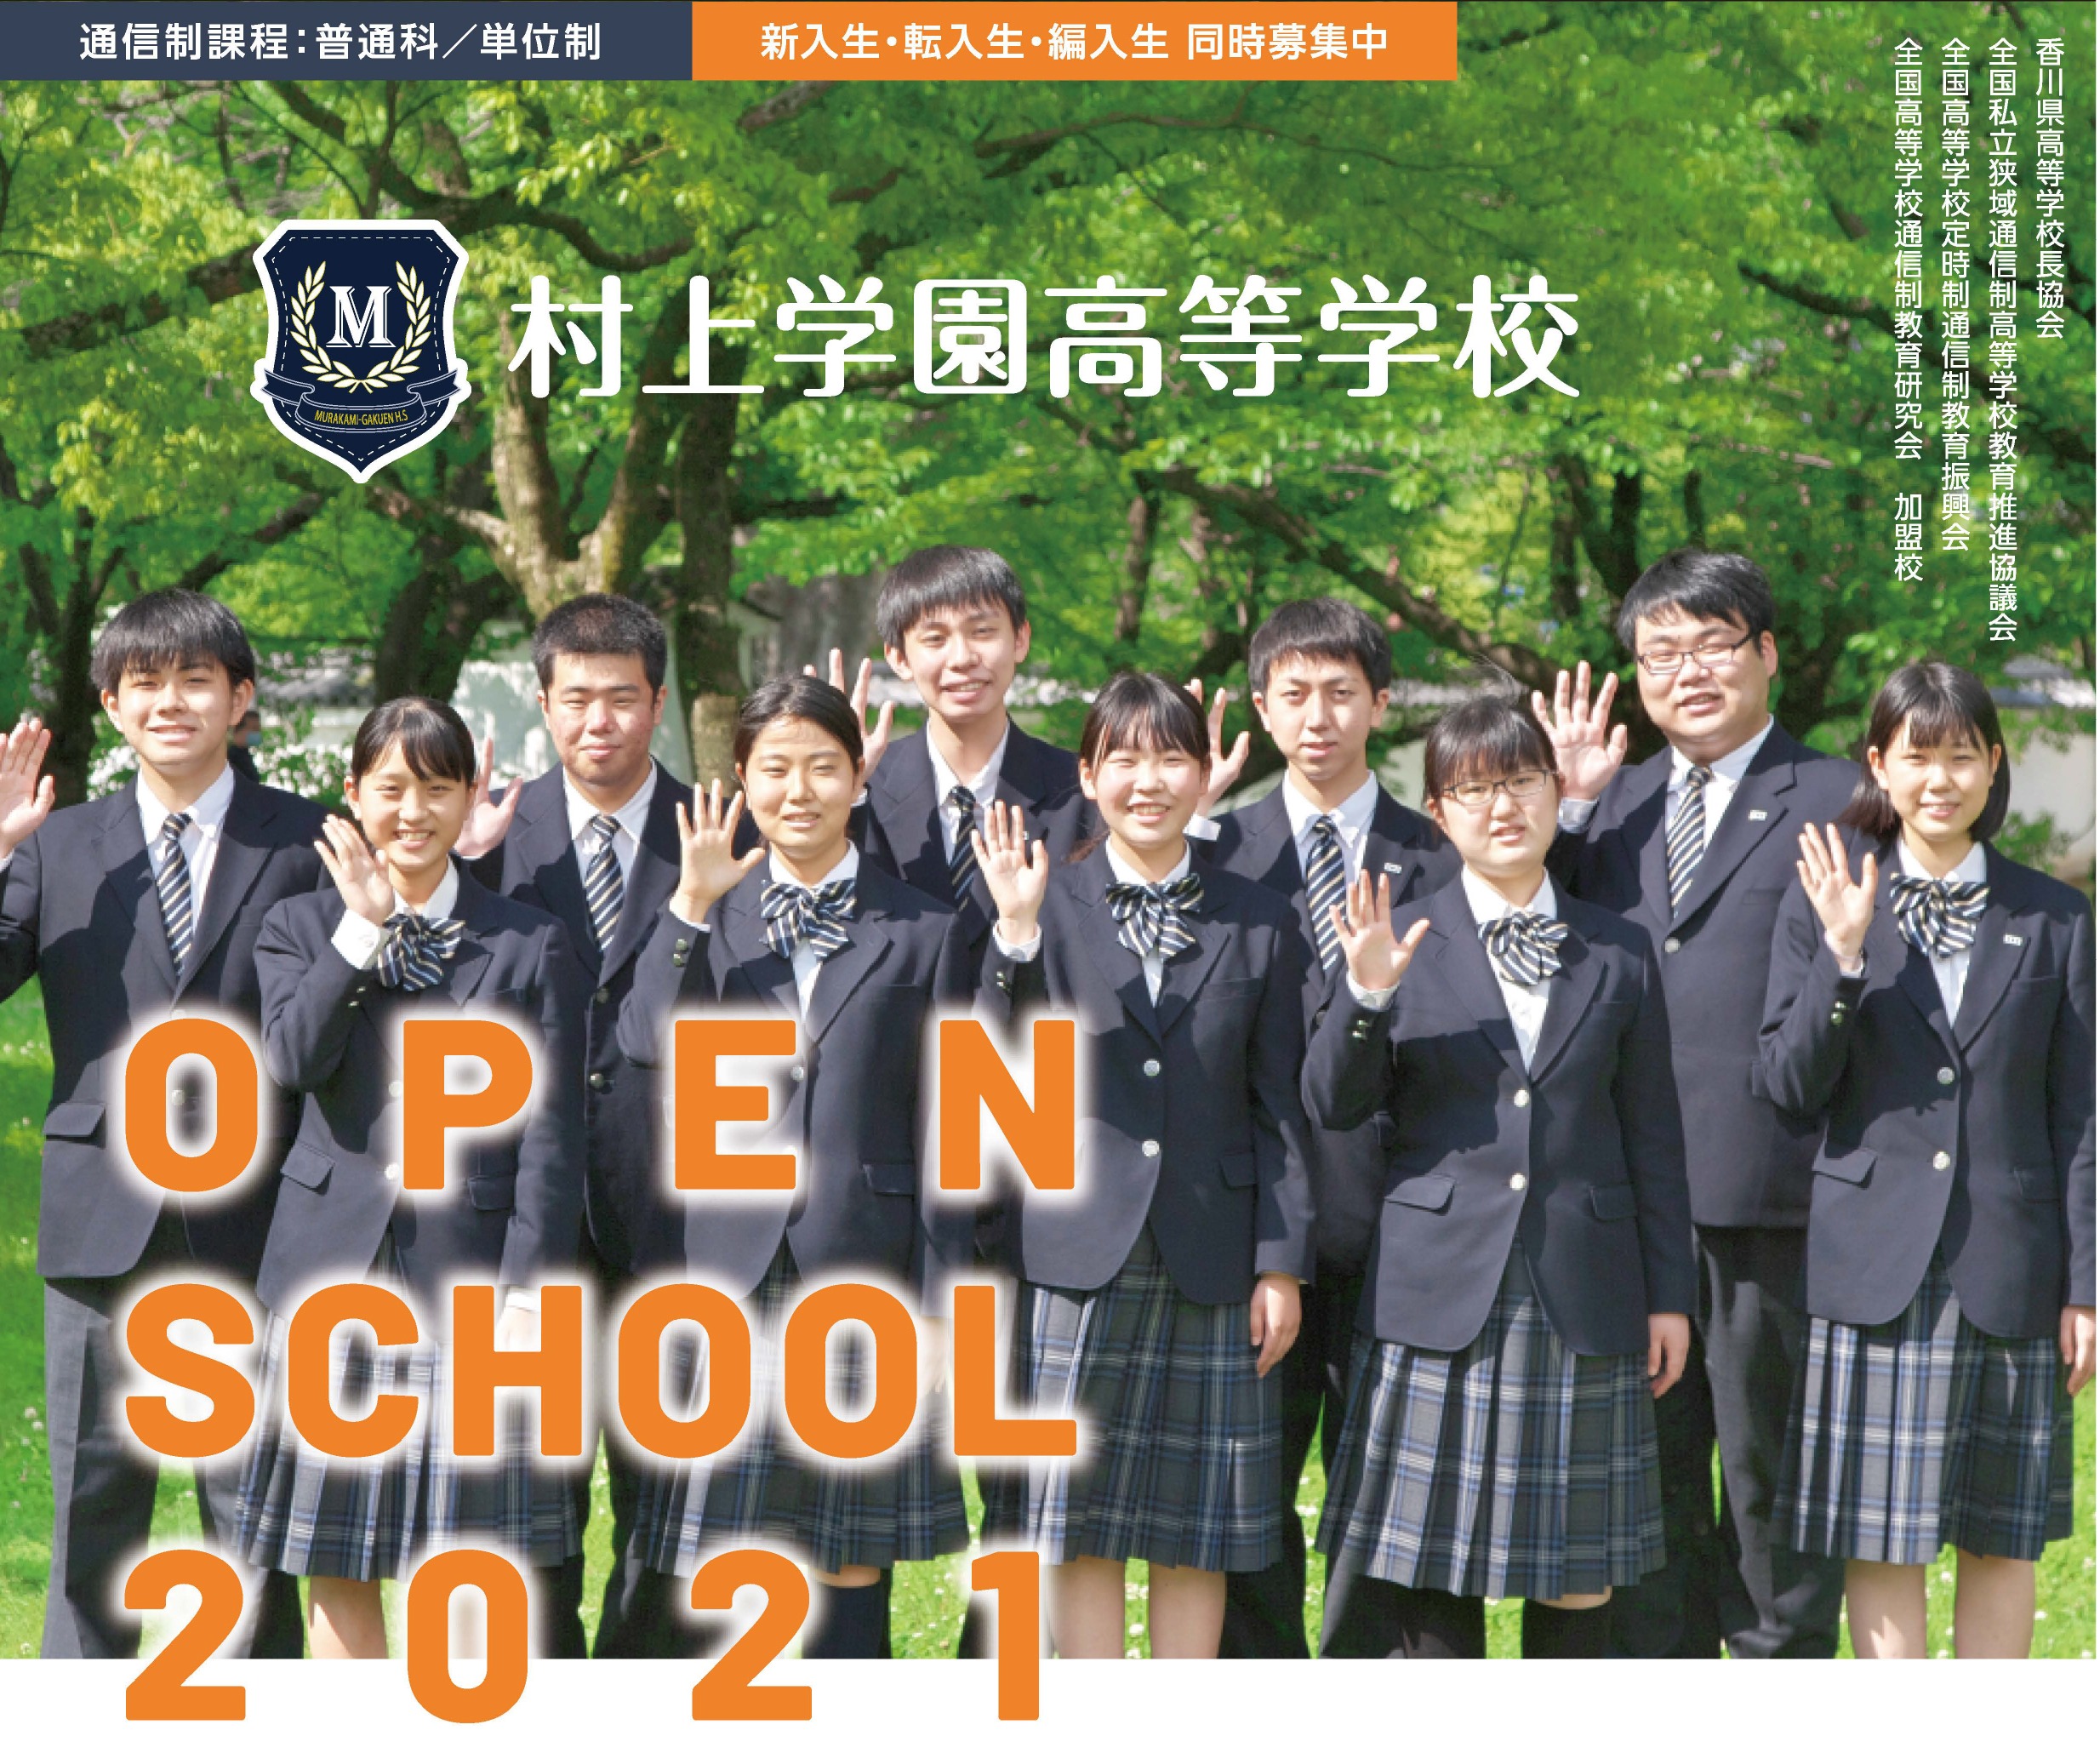 村上学園オープンスクールチラシ